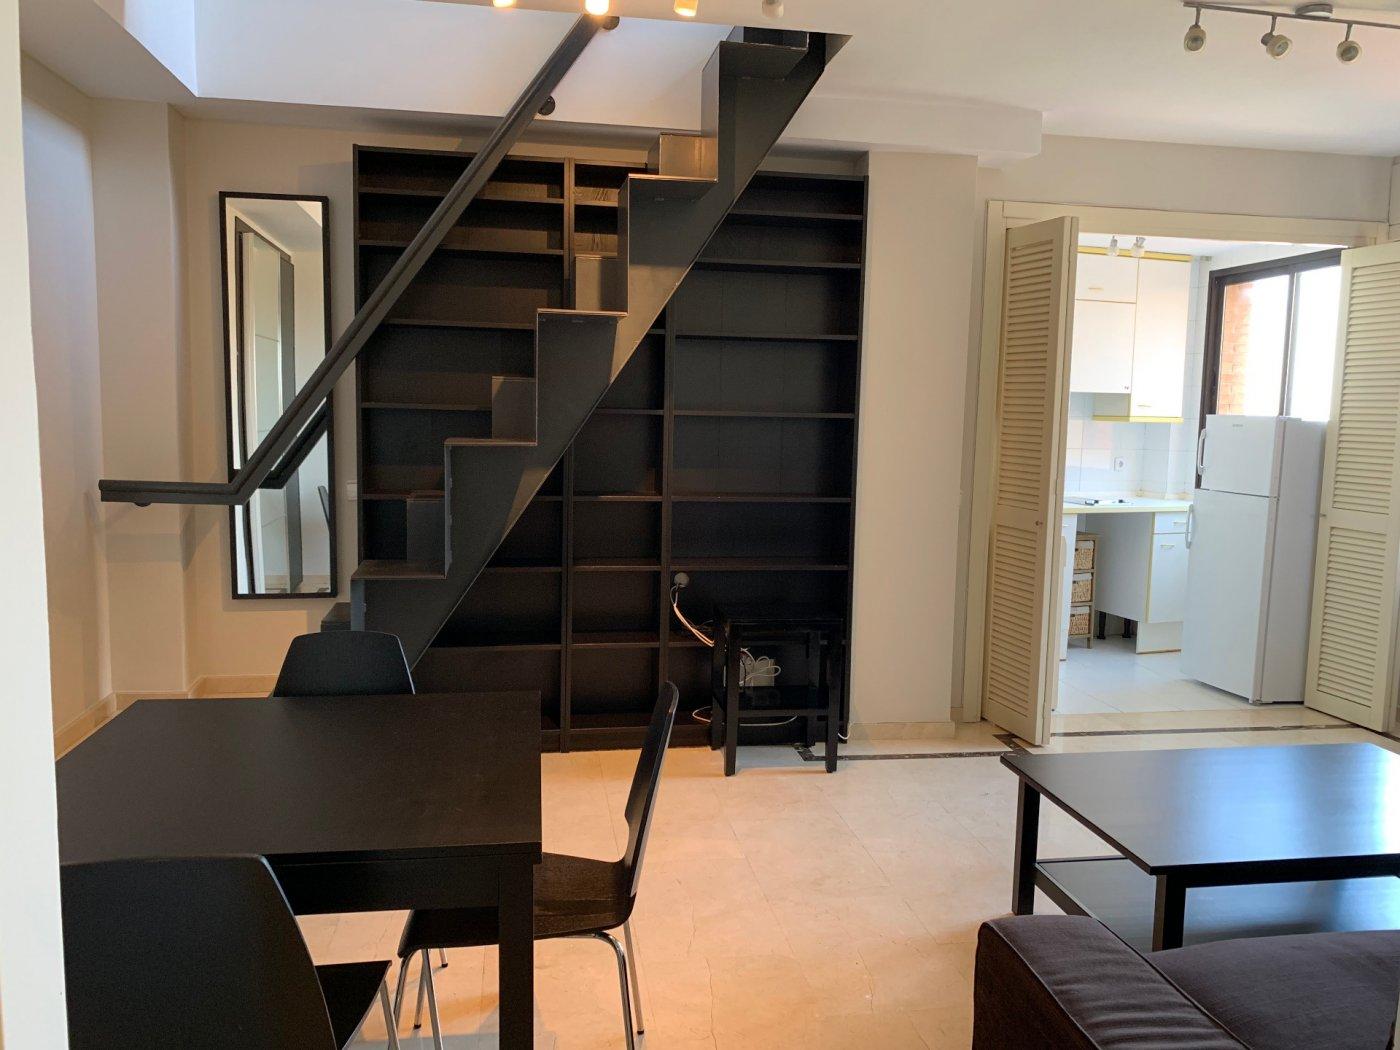 Venta o alquiler de piso en madrid - imagenInmueble9